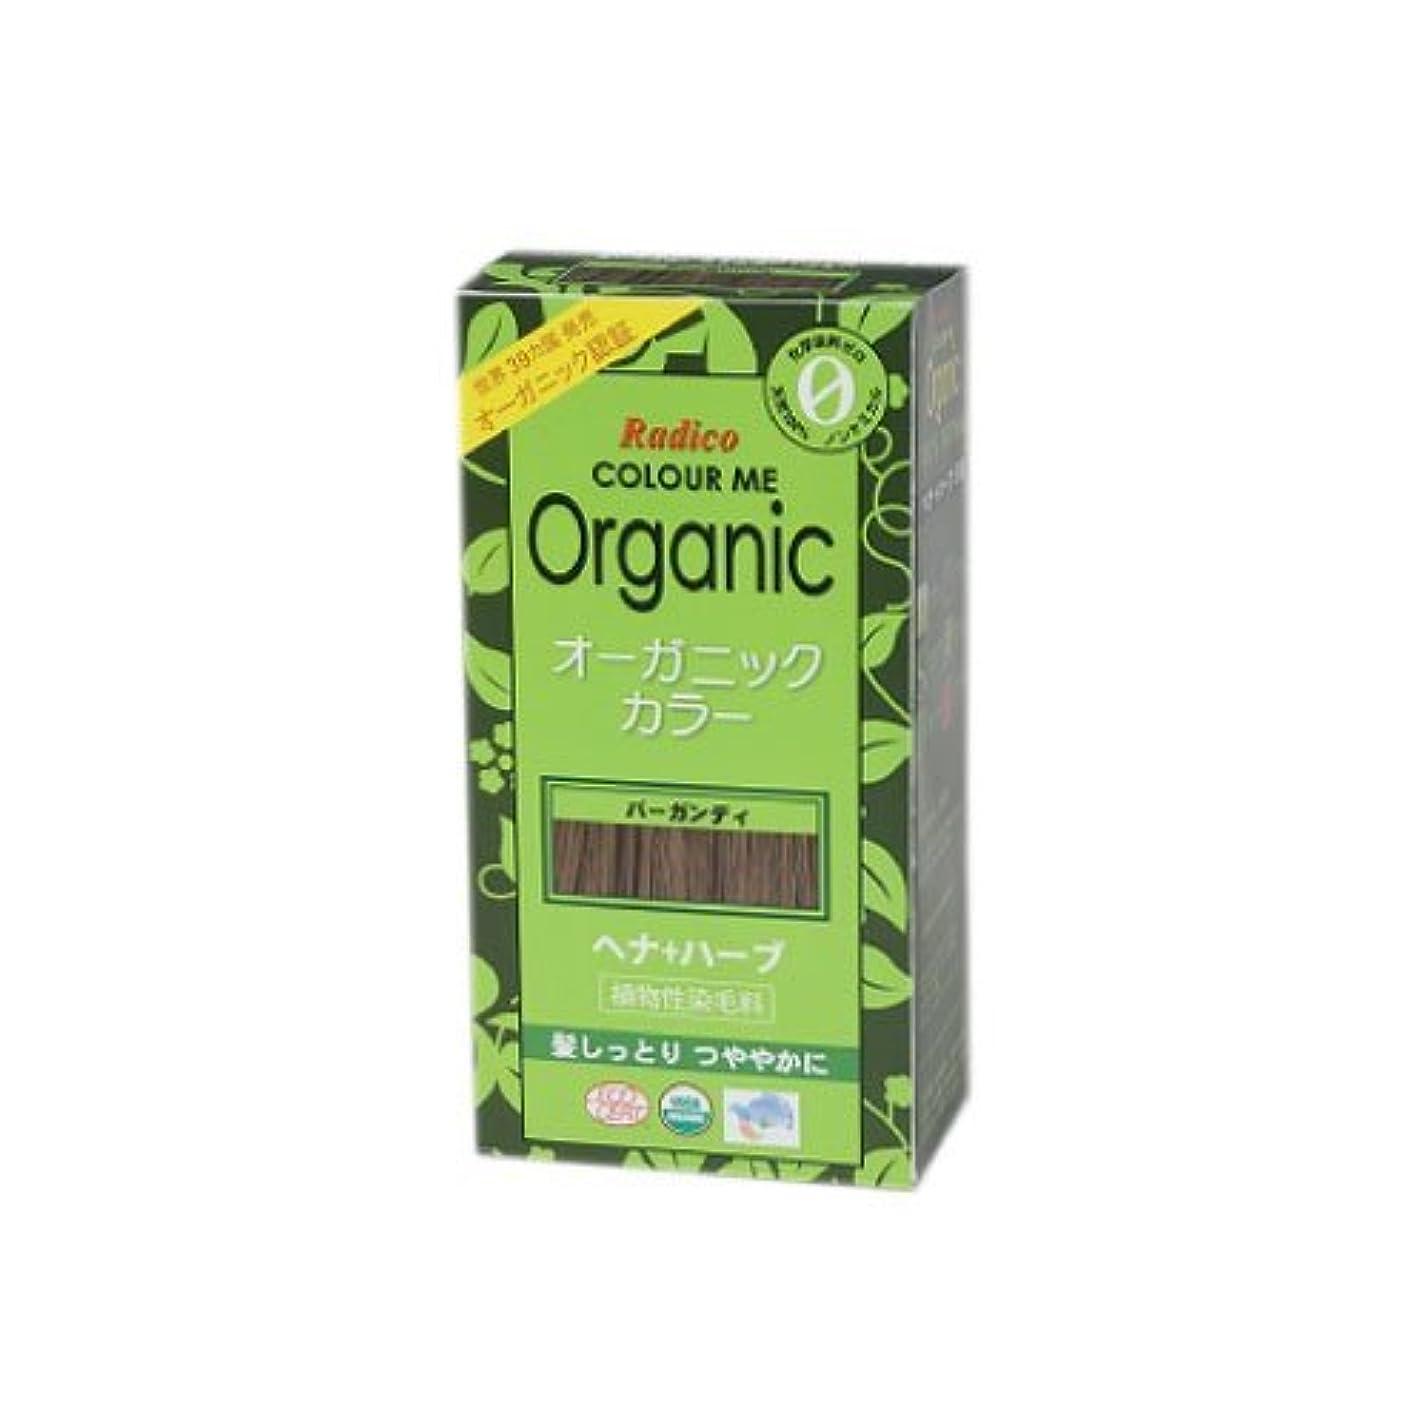 シート葡萄値COLOURME Organic (カラーミーオーガニック ヘナ 白髪用) バーガンディ 100g